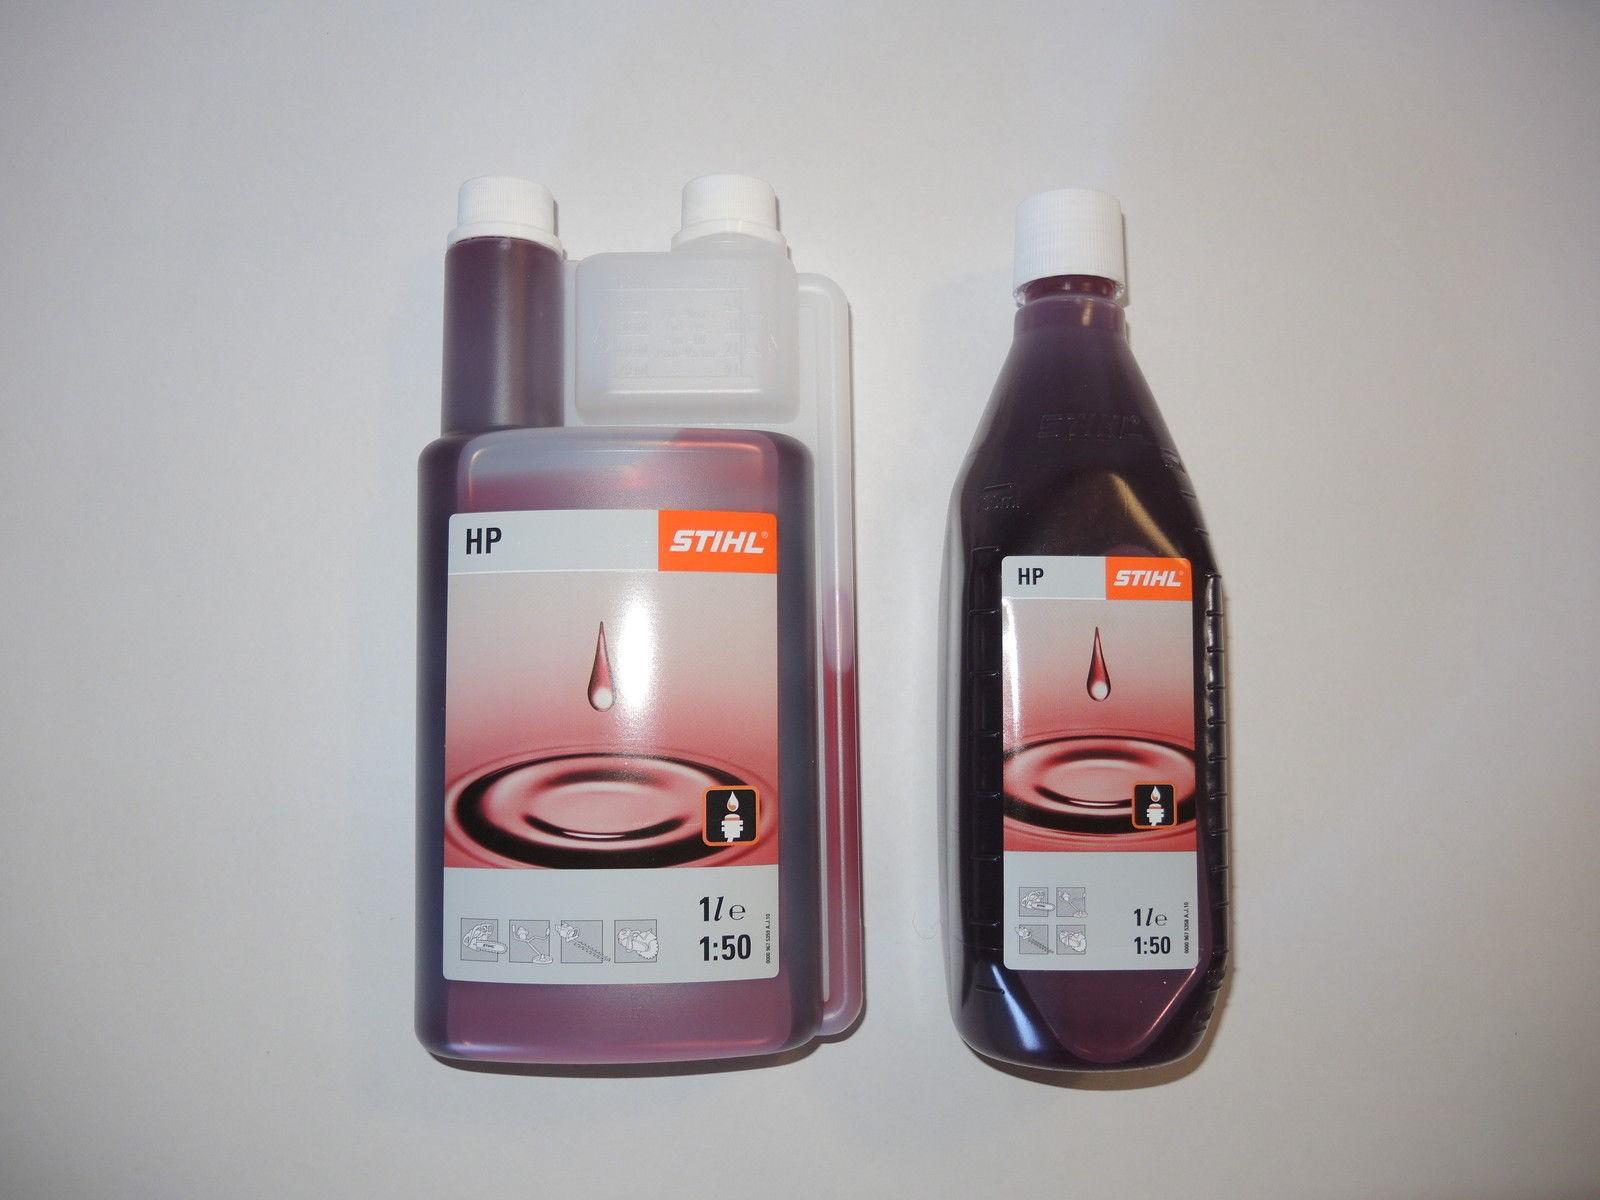 8410 STIHL HP Zweitaktmotorenöl Mischöl Zweitaktöl 1 x 1 l Flasche